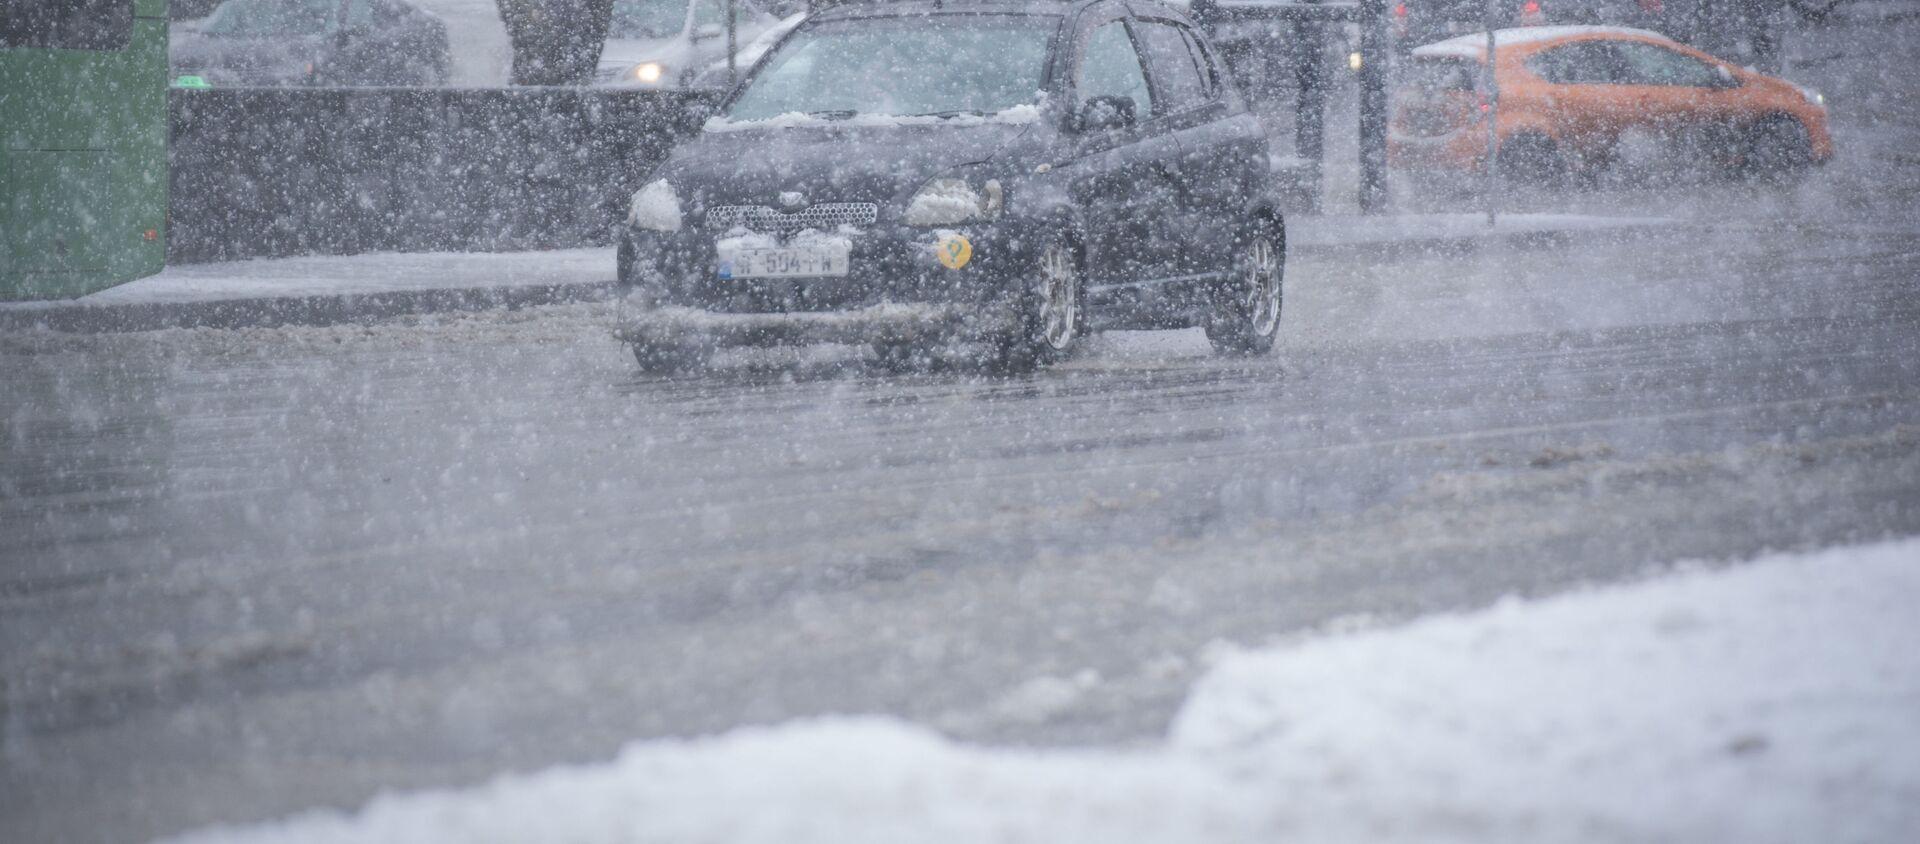 Погода в Тбилиси - машины едут по дорогам в снегопад - Sputnik Грузия, 1920, 25.02.2021